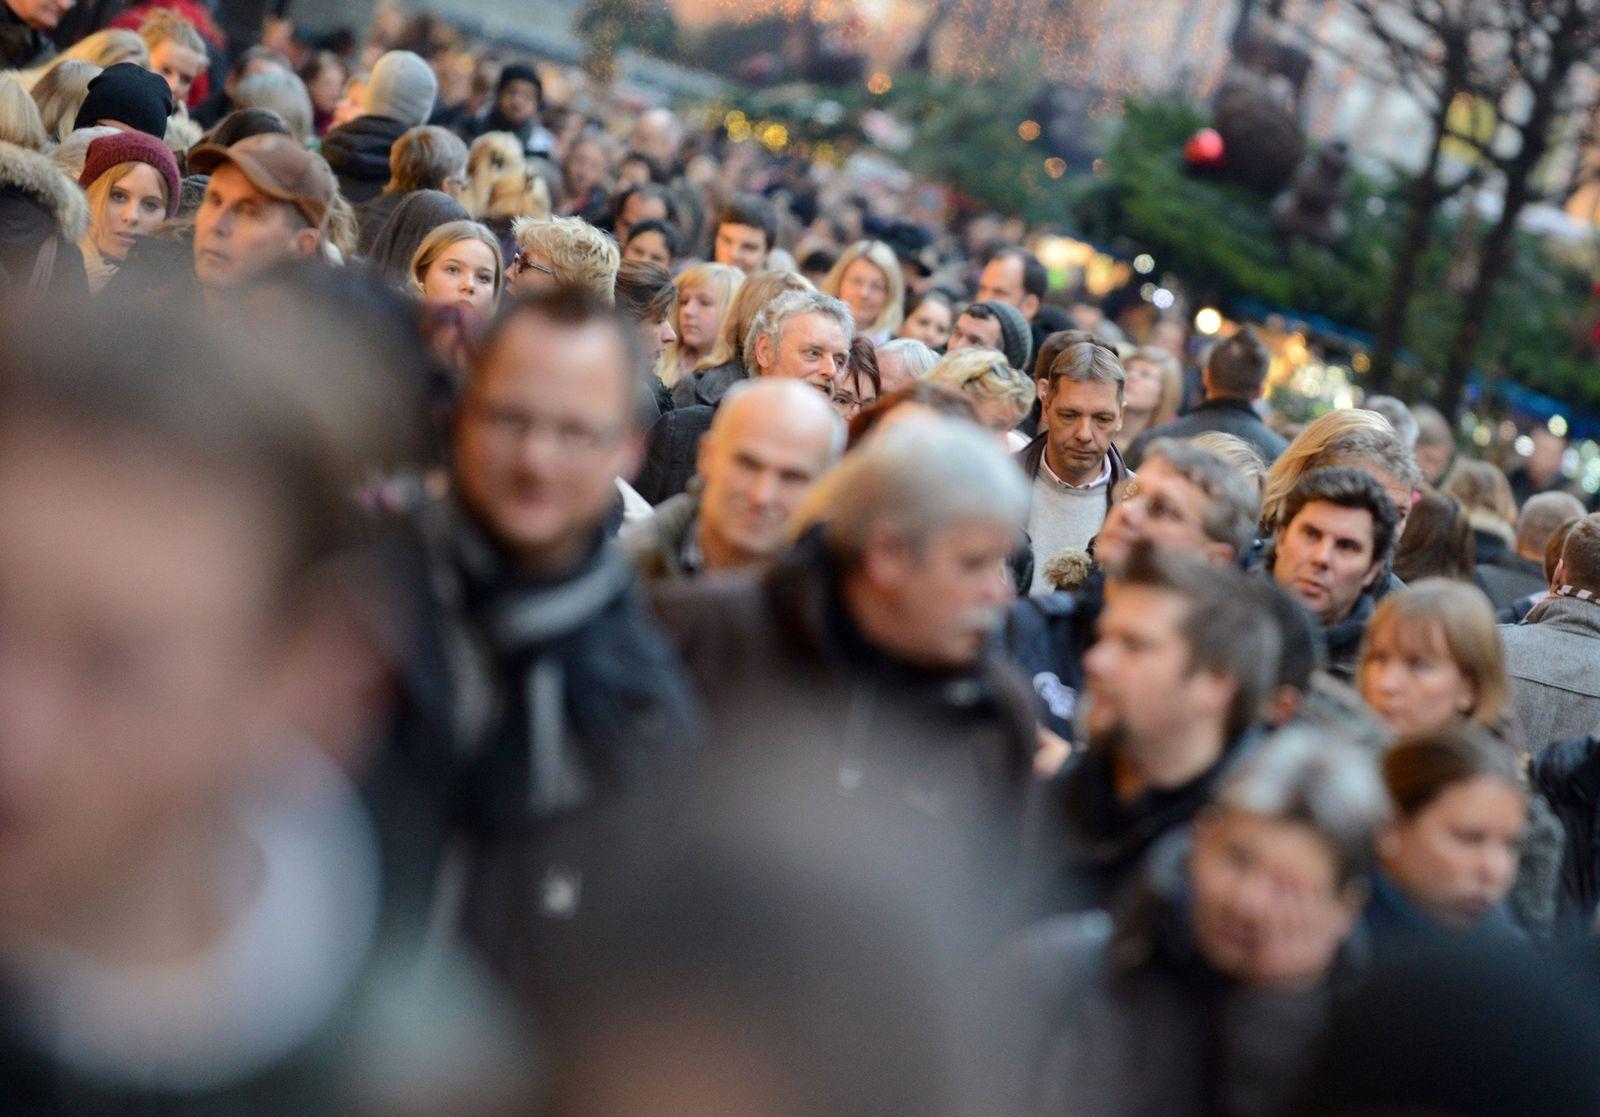 Menschenmenge in einer Einkaufsstraße